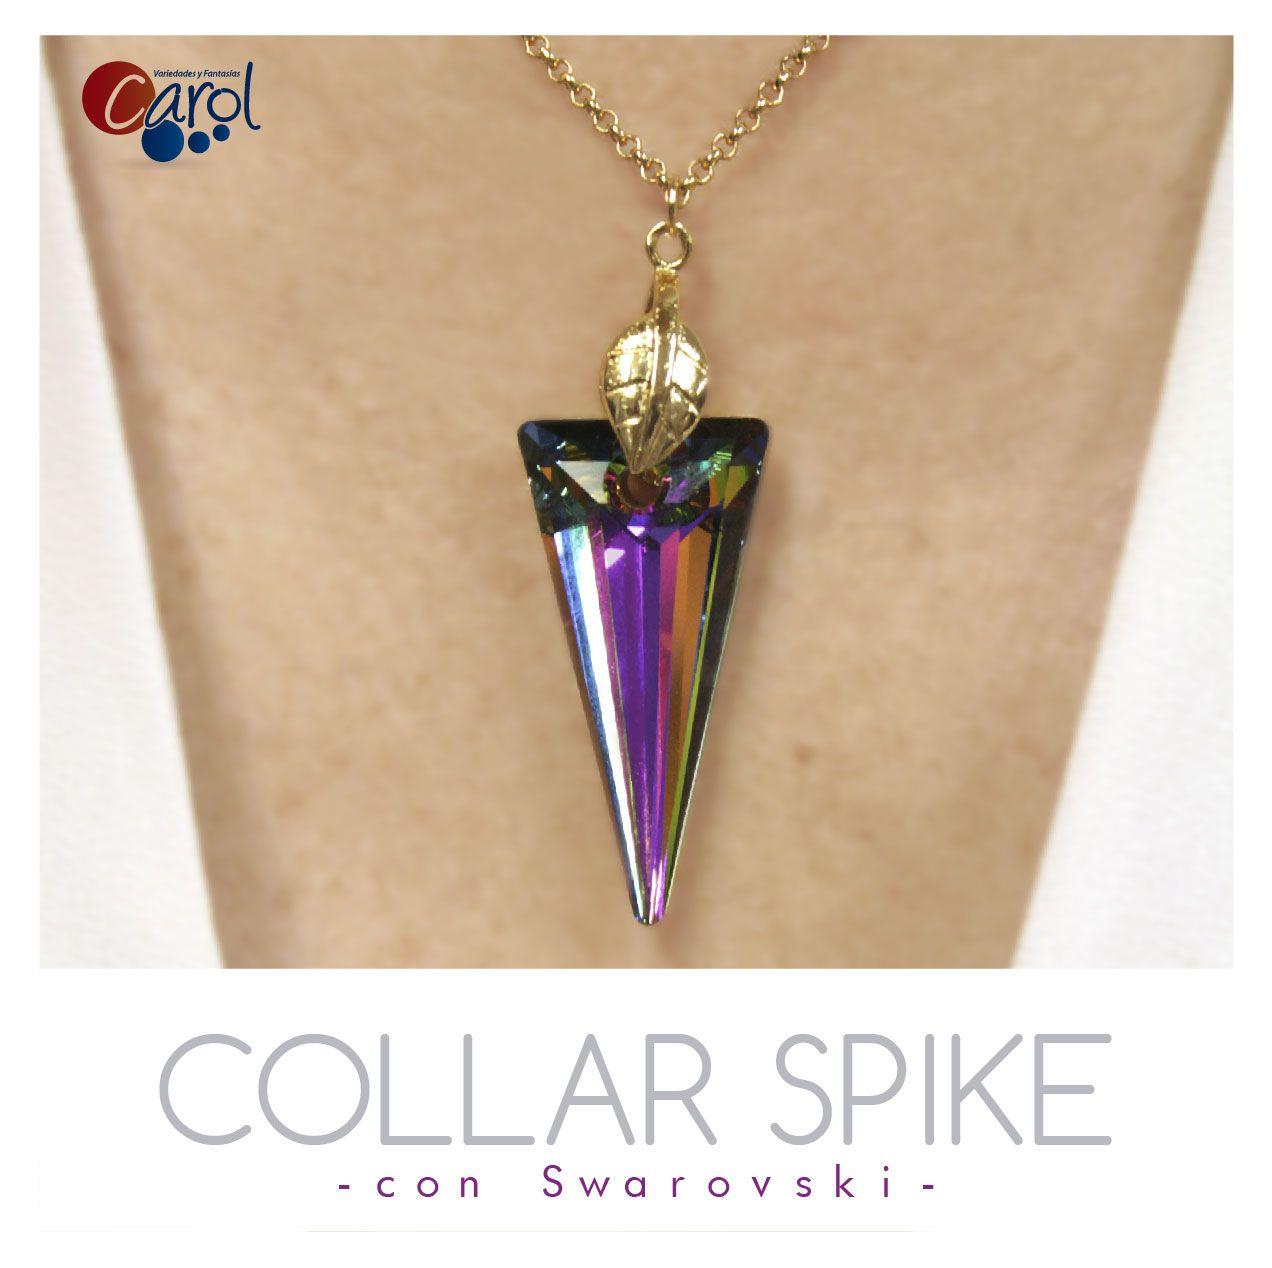 8c975c1ee92d ¡Hermoso collar! Pocos materiales para un fabuloso collar con  Swarovski